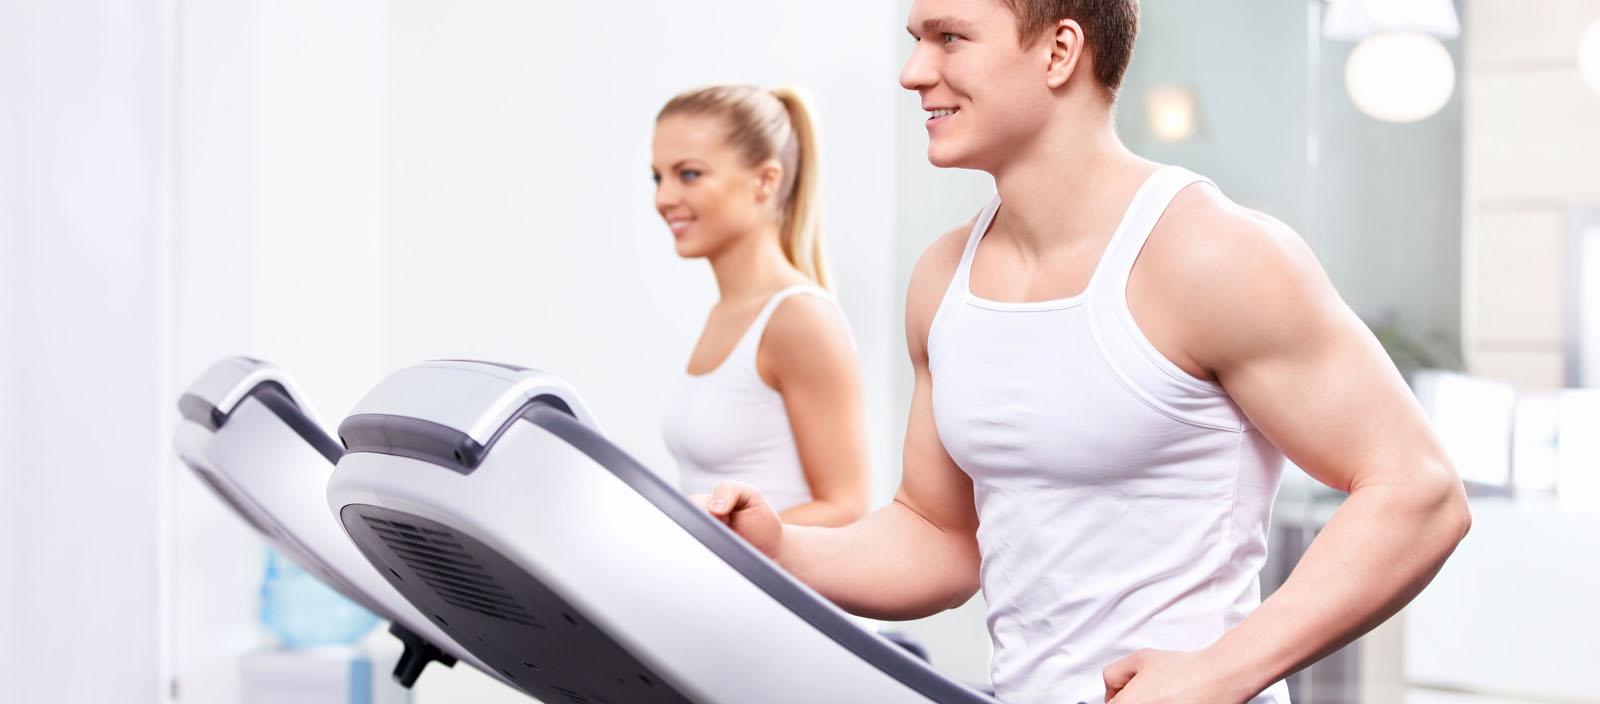 4 вида спорта для похудения без накачивания мышц